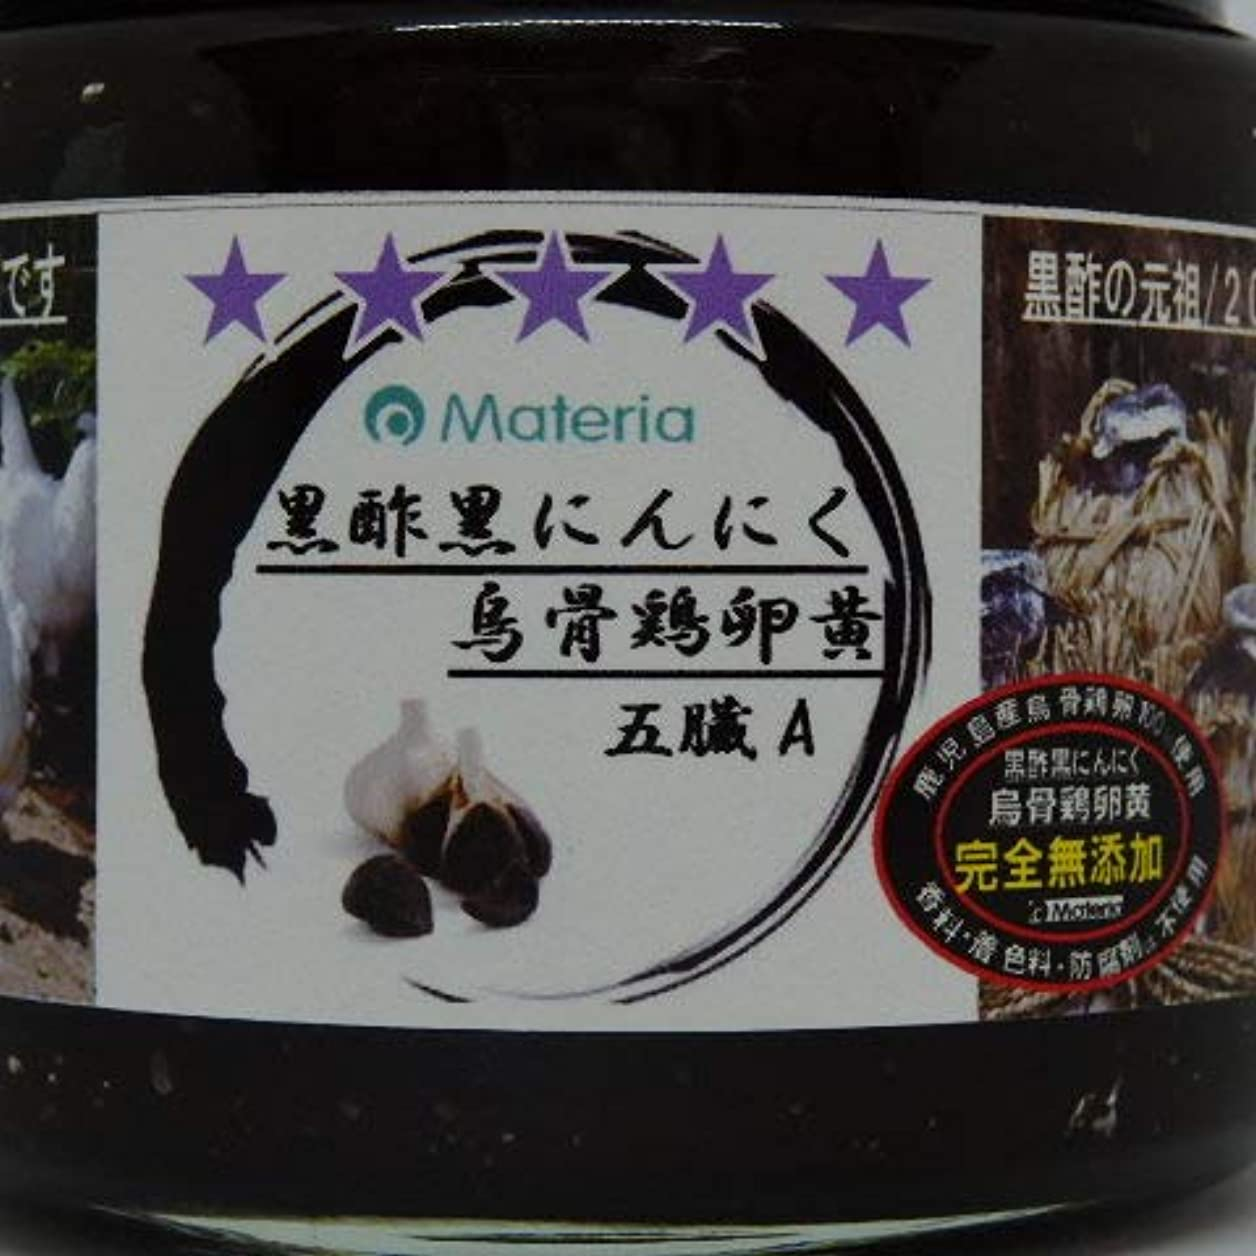 飛躍雪モディッシュ無添加健康食品/黒酢黒にんにく烏骨鶏卵黄/五臓系ペ-スト早溶150g(1月分)¥11,600